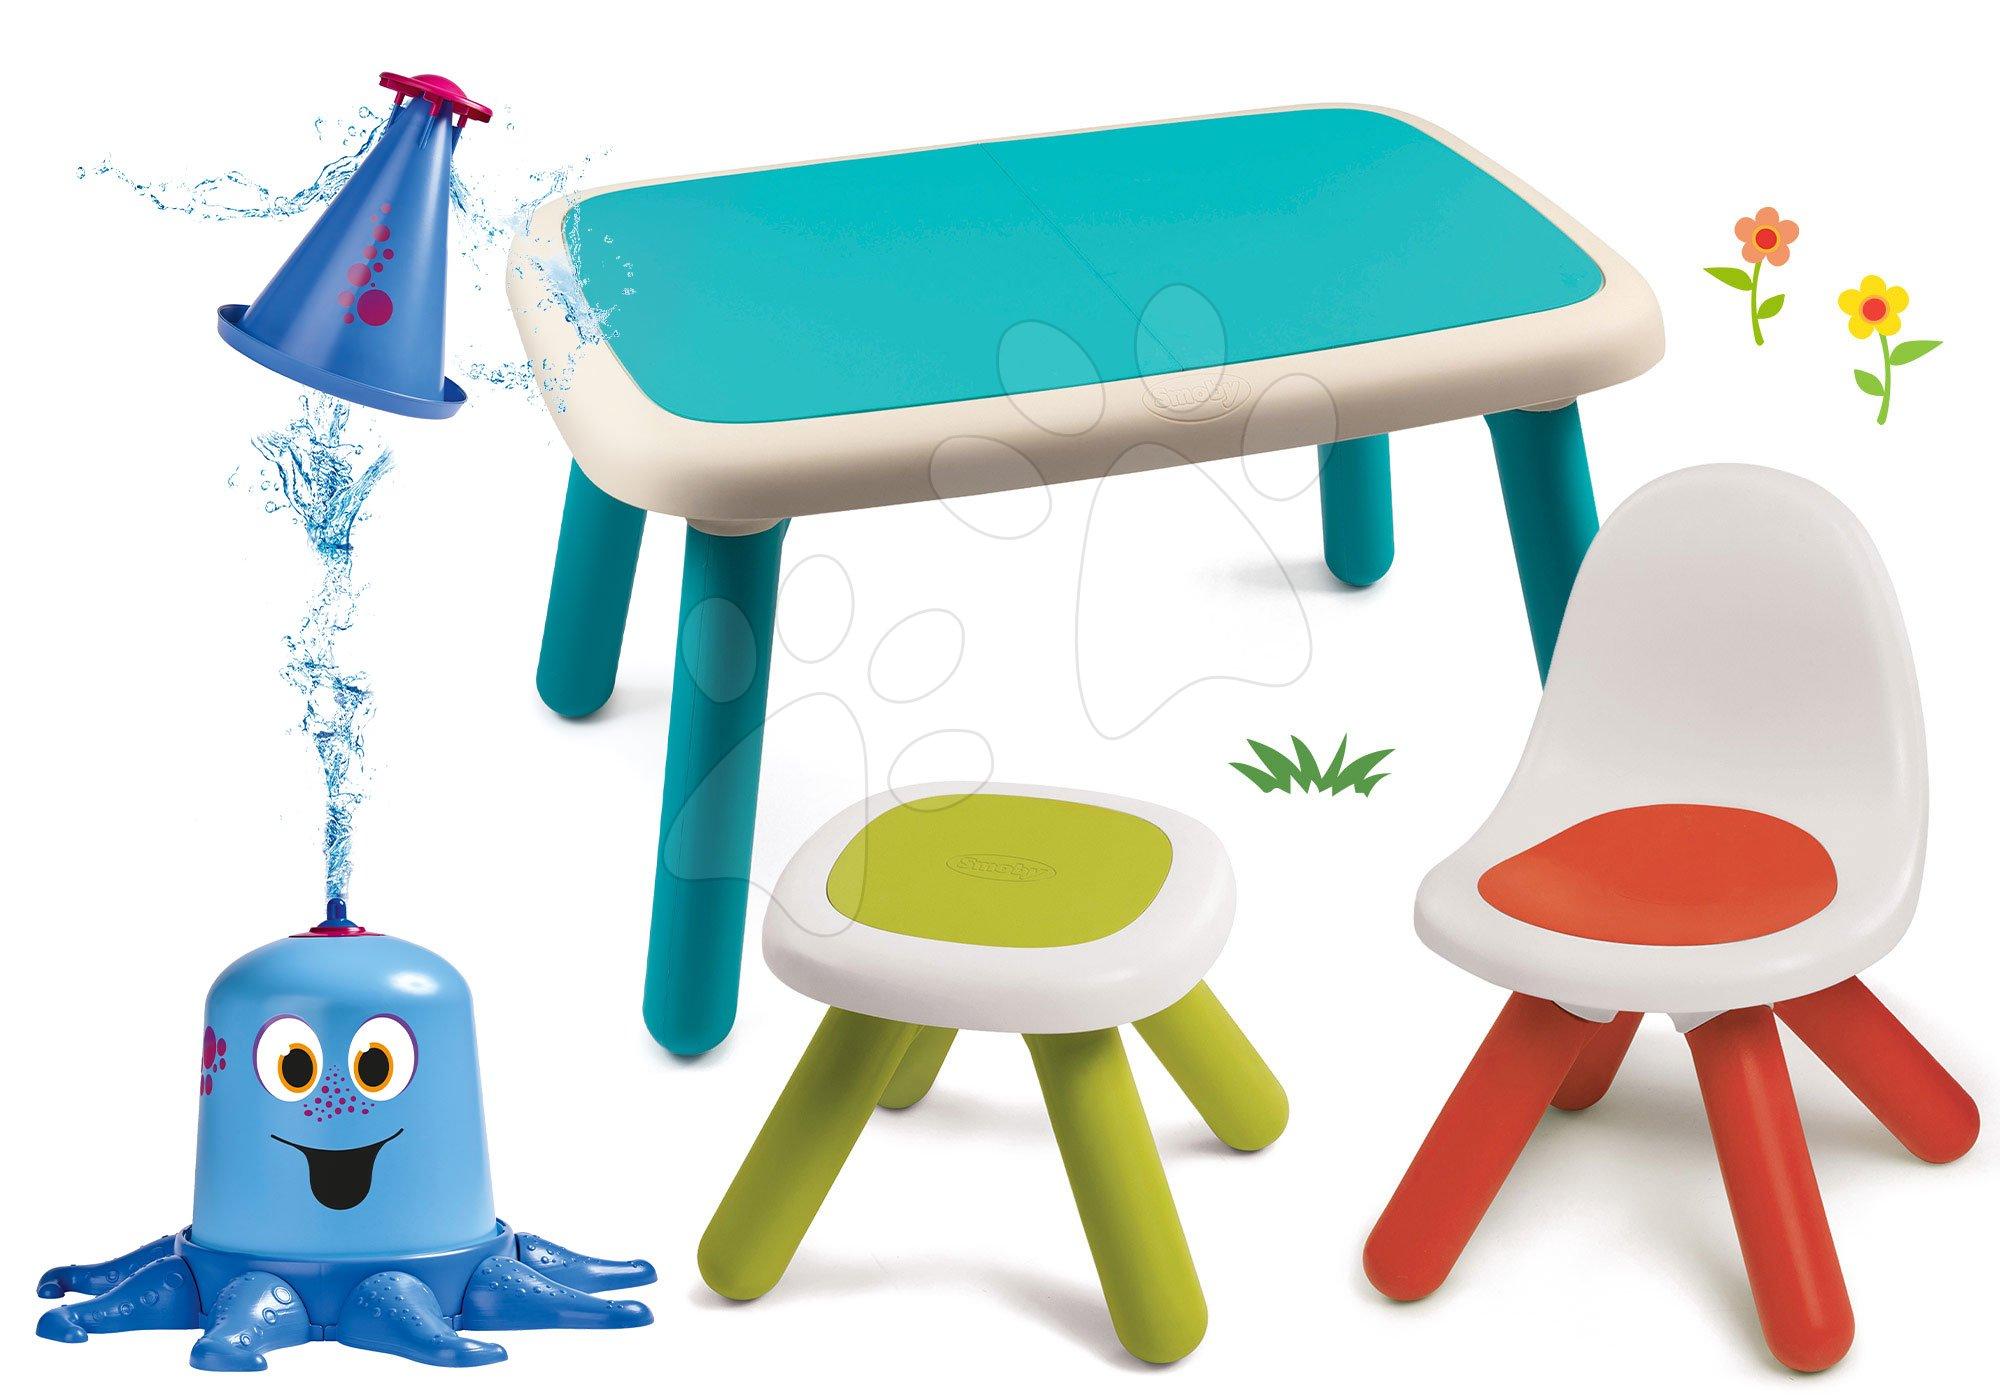 Set stôl pre deti KidTable modrý Smoby so stoličkou a stolčekom s vodnou chobotnicou s UV filtrom